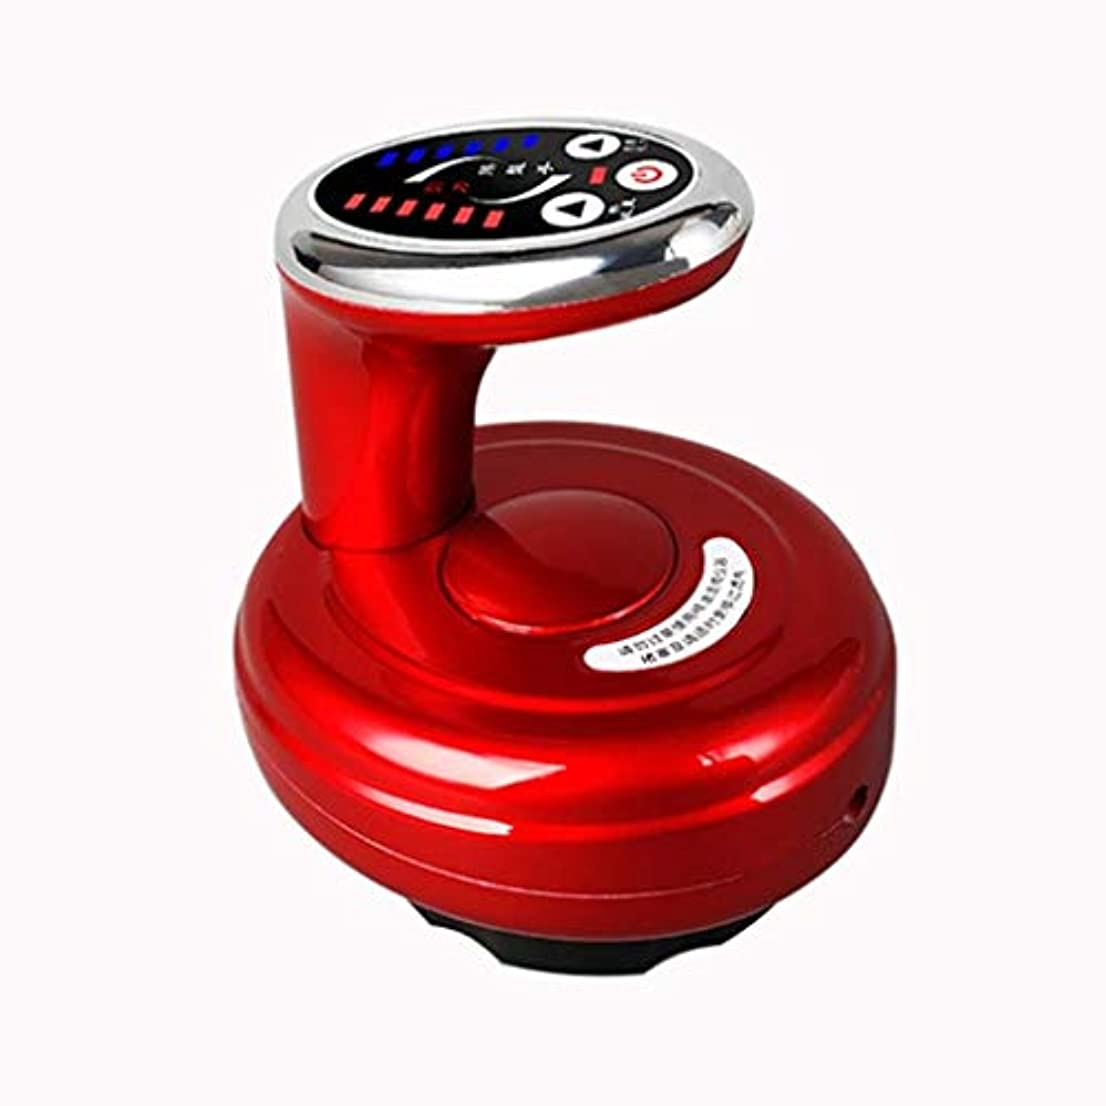 電気スクレーピングマッサージ器、スクレーピング器具、スクレーピングカッピングマッサージ機、ネックマッサージャーソフトティッシュマッサージヘルスケアデバイス (Color : Red)